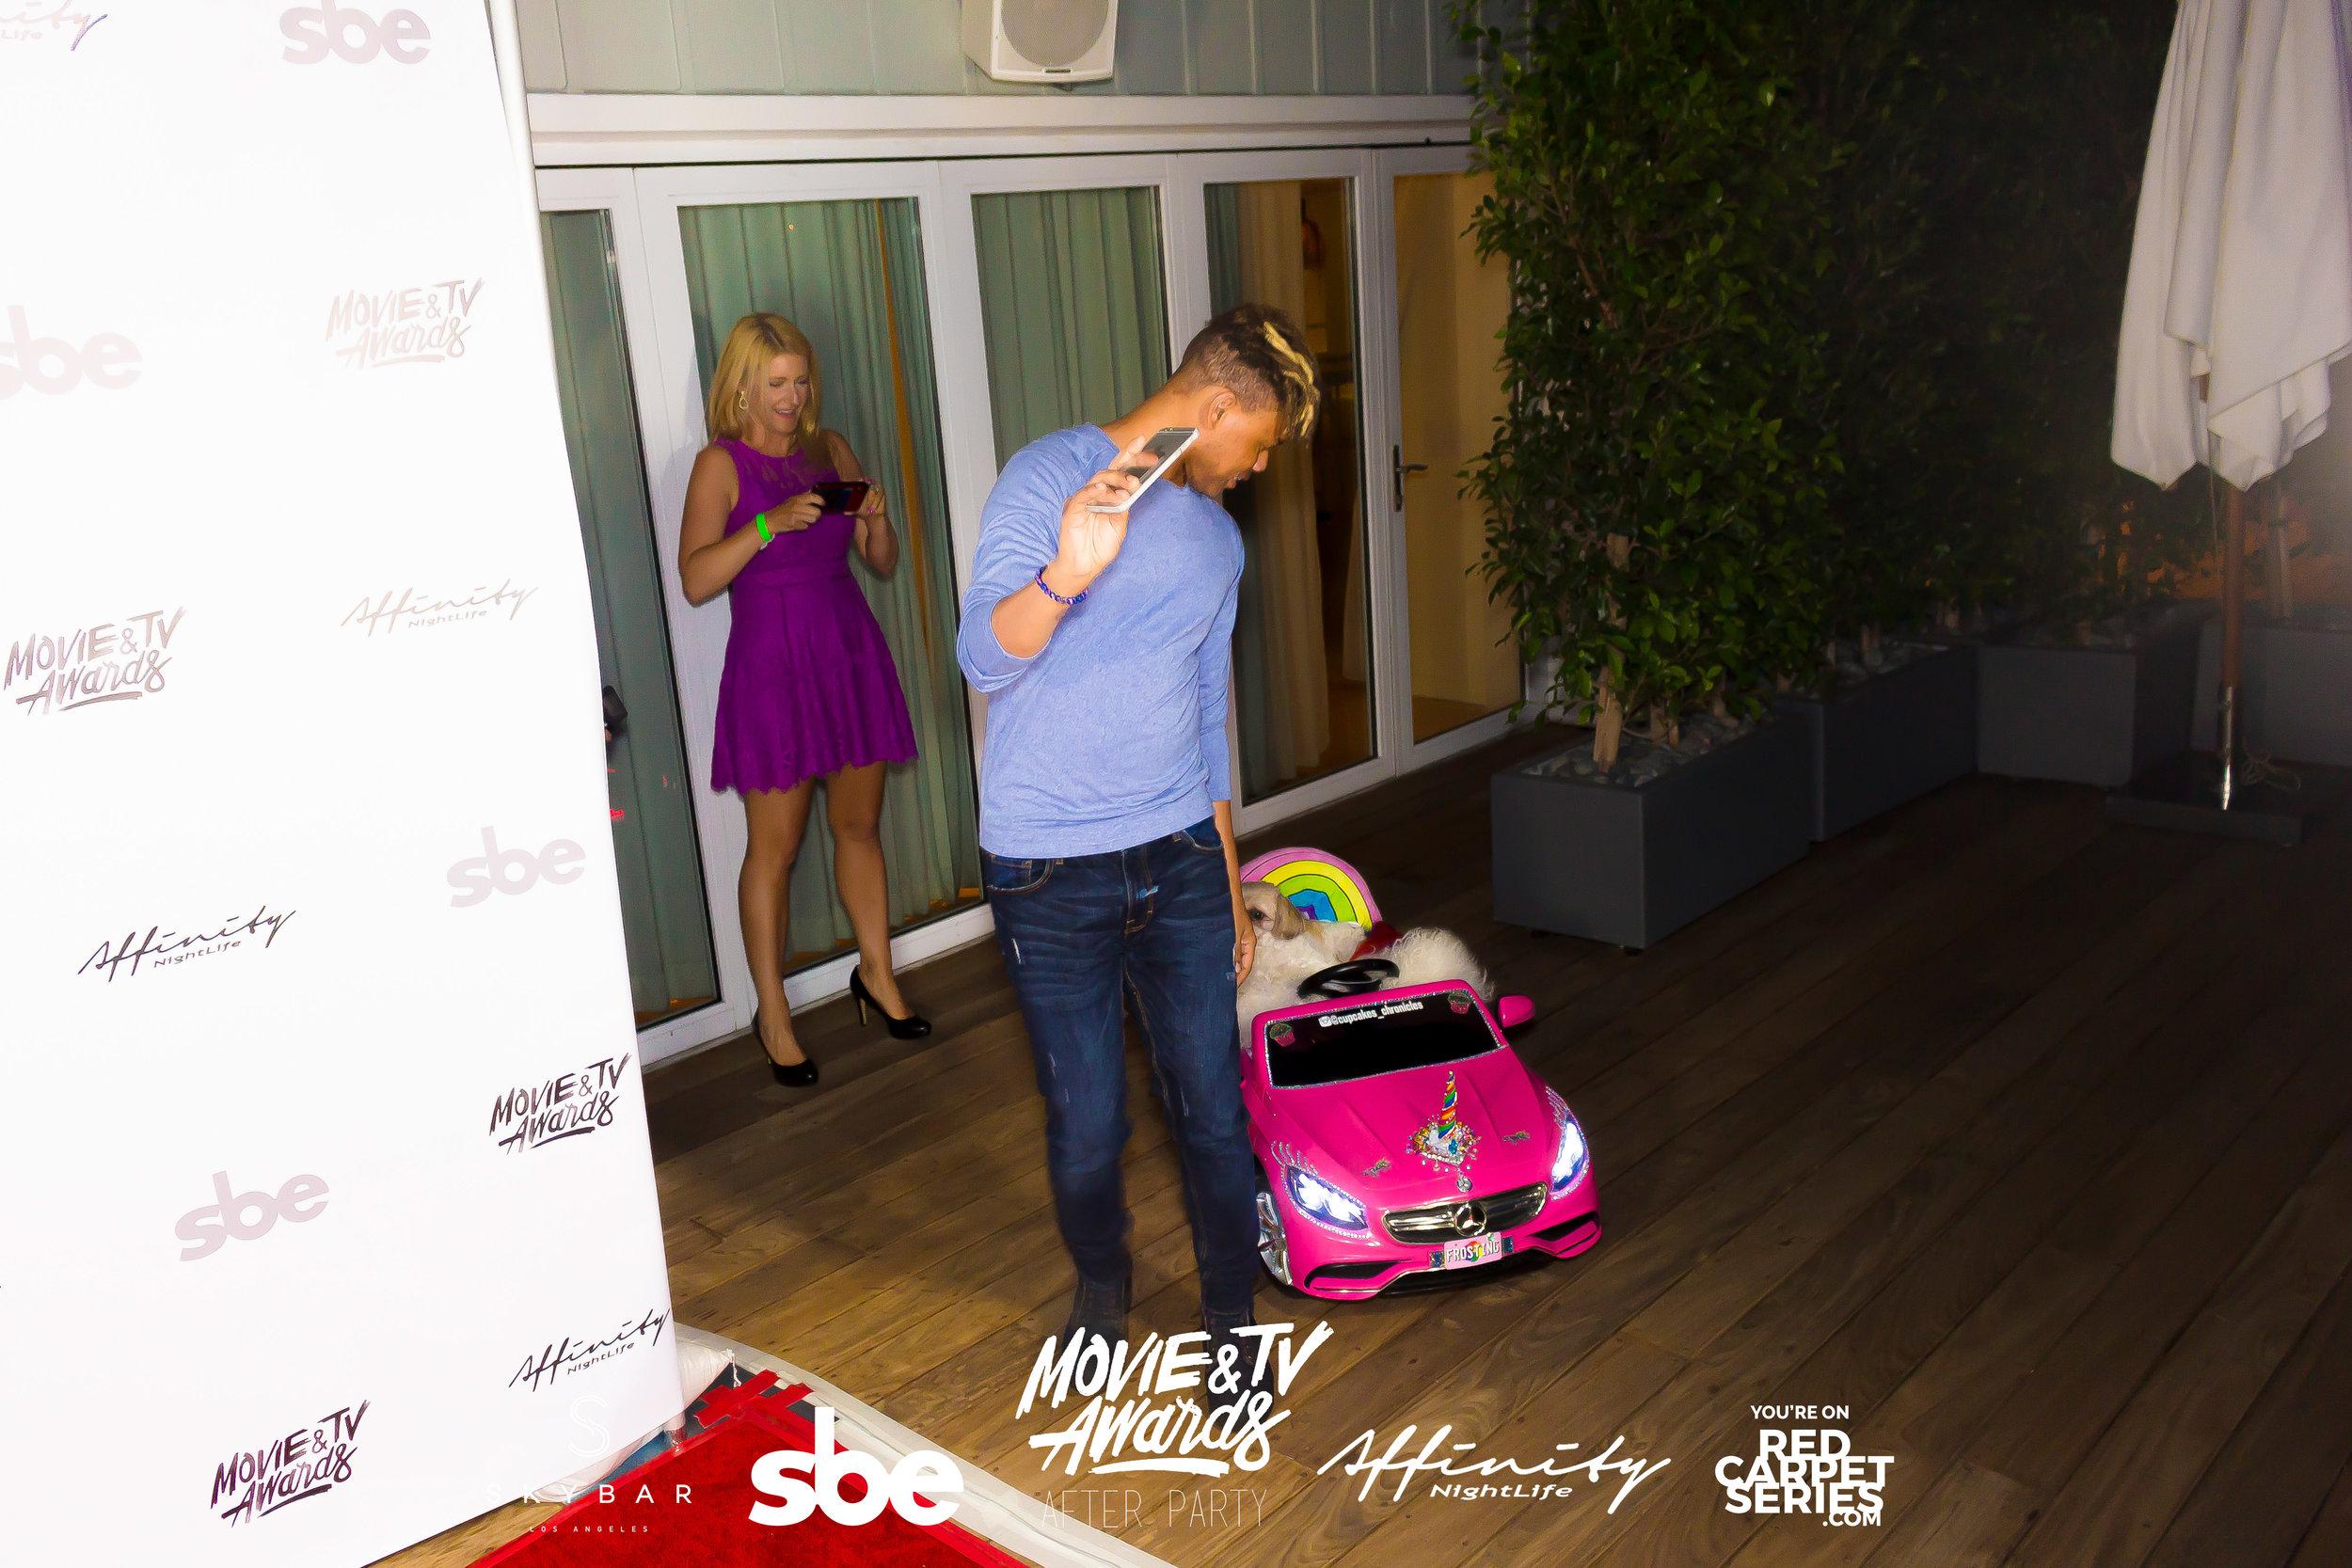 Affinity Nightlife MTV Movie & TV Awards After Party - Skybar at Mondrian - 06-15-19 - Vol. 1_23.jpg